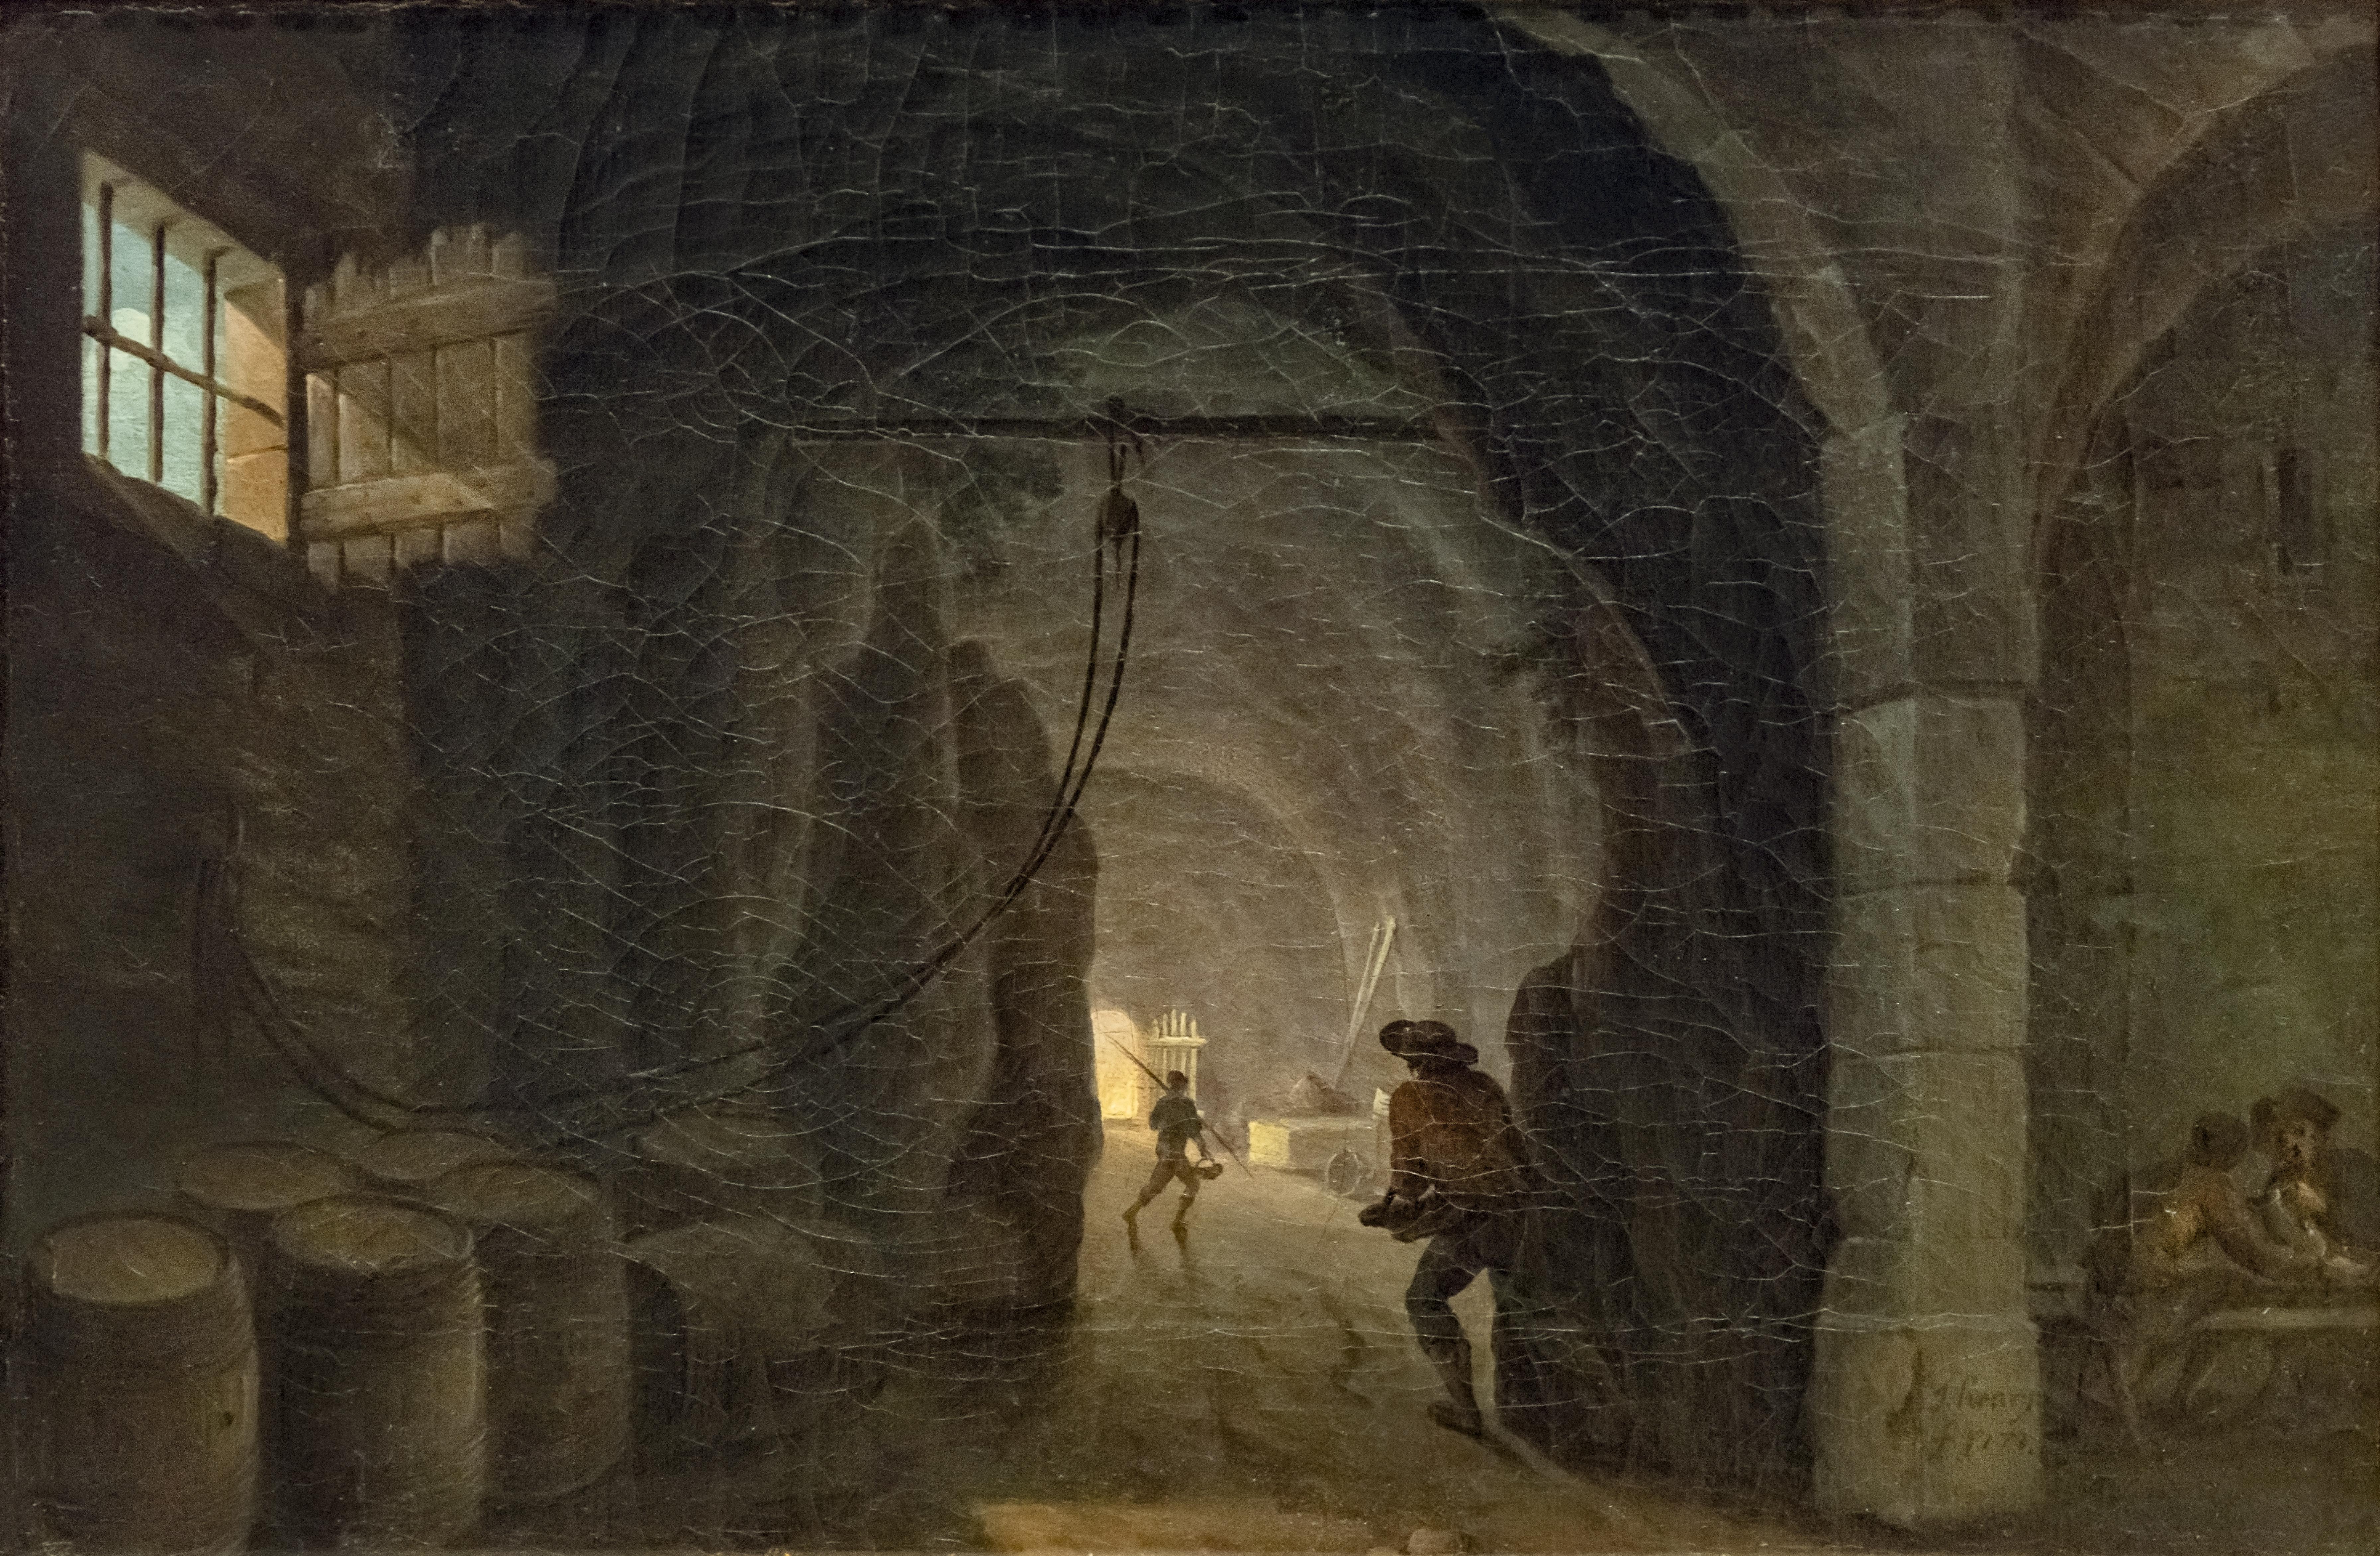 Beaux-Arts de Carcassonne - Intérieur d'une grande cave 1771 - Henry d'Arles Joconde04400000526.jpg